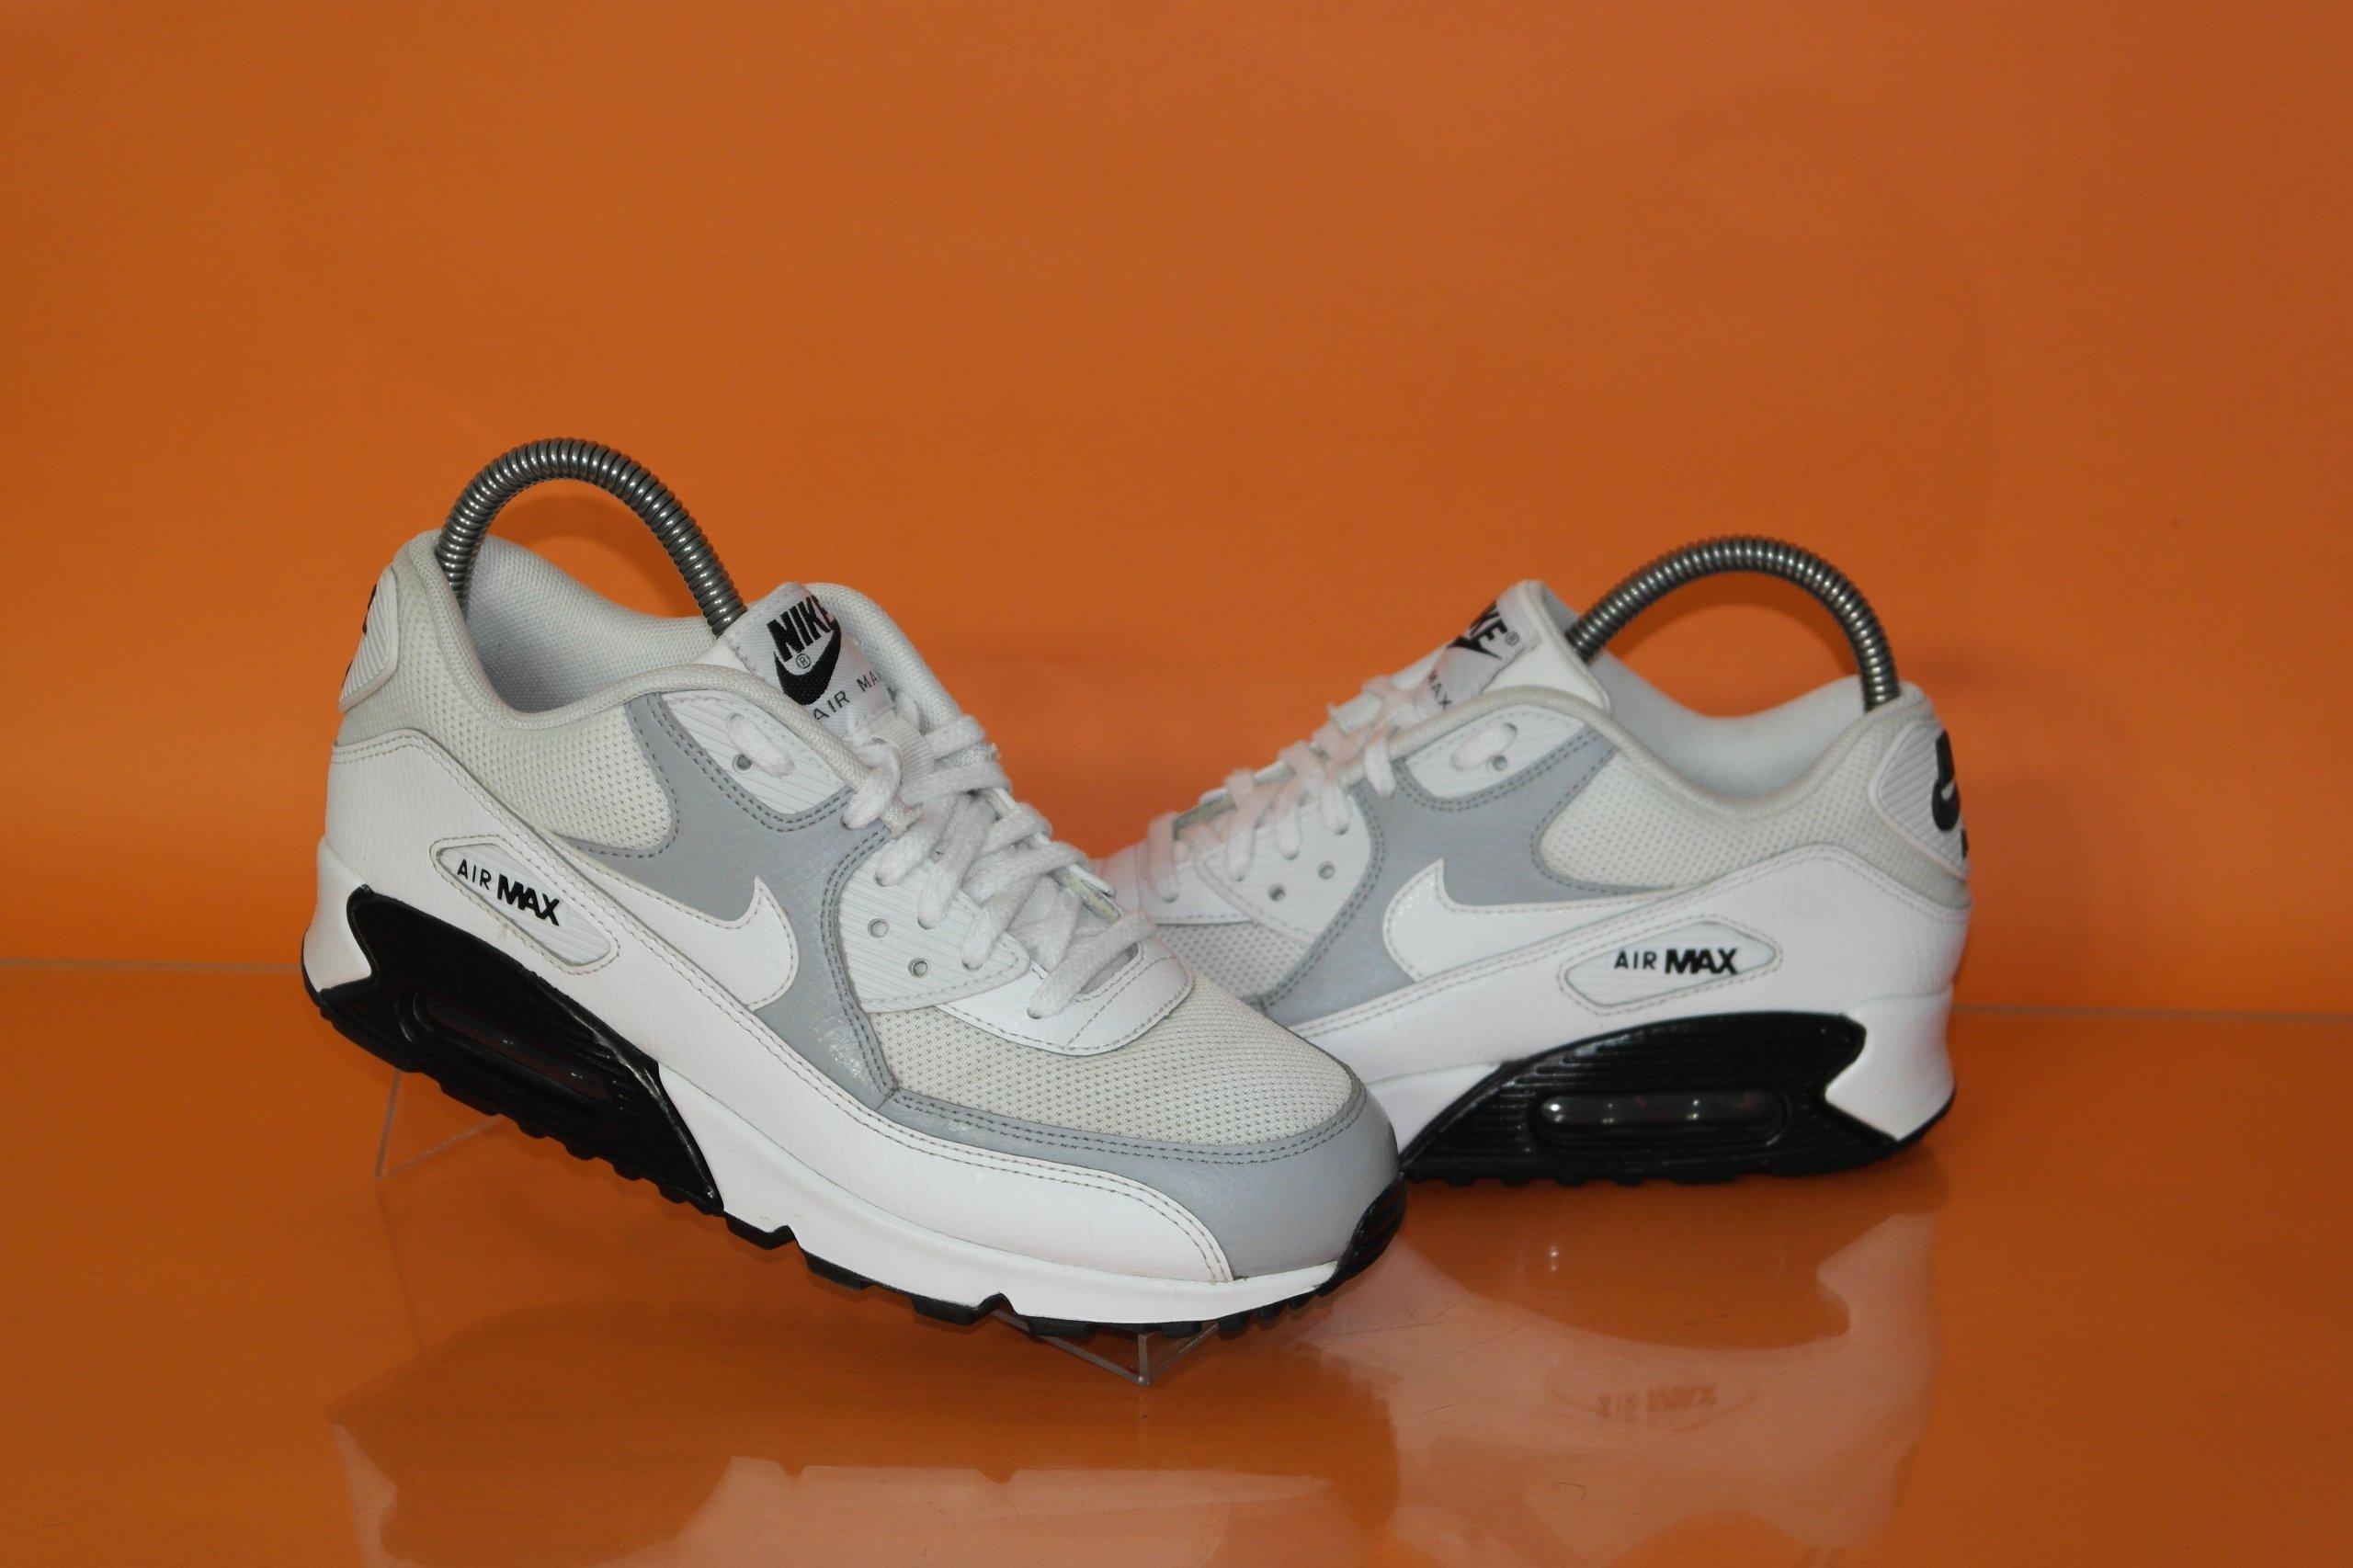 9402db2b NIKE-AIR MAX 90 Ess.-oryginalne buty sportowe r.38 - 7129947459 ...